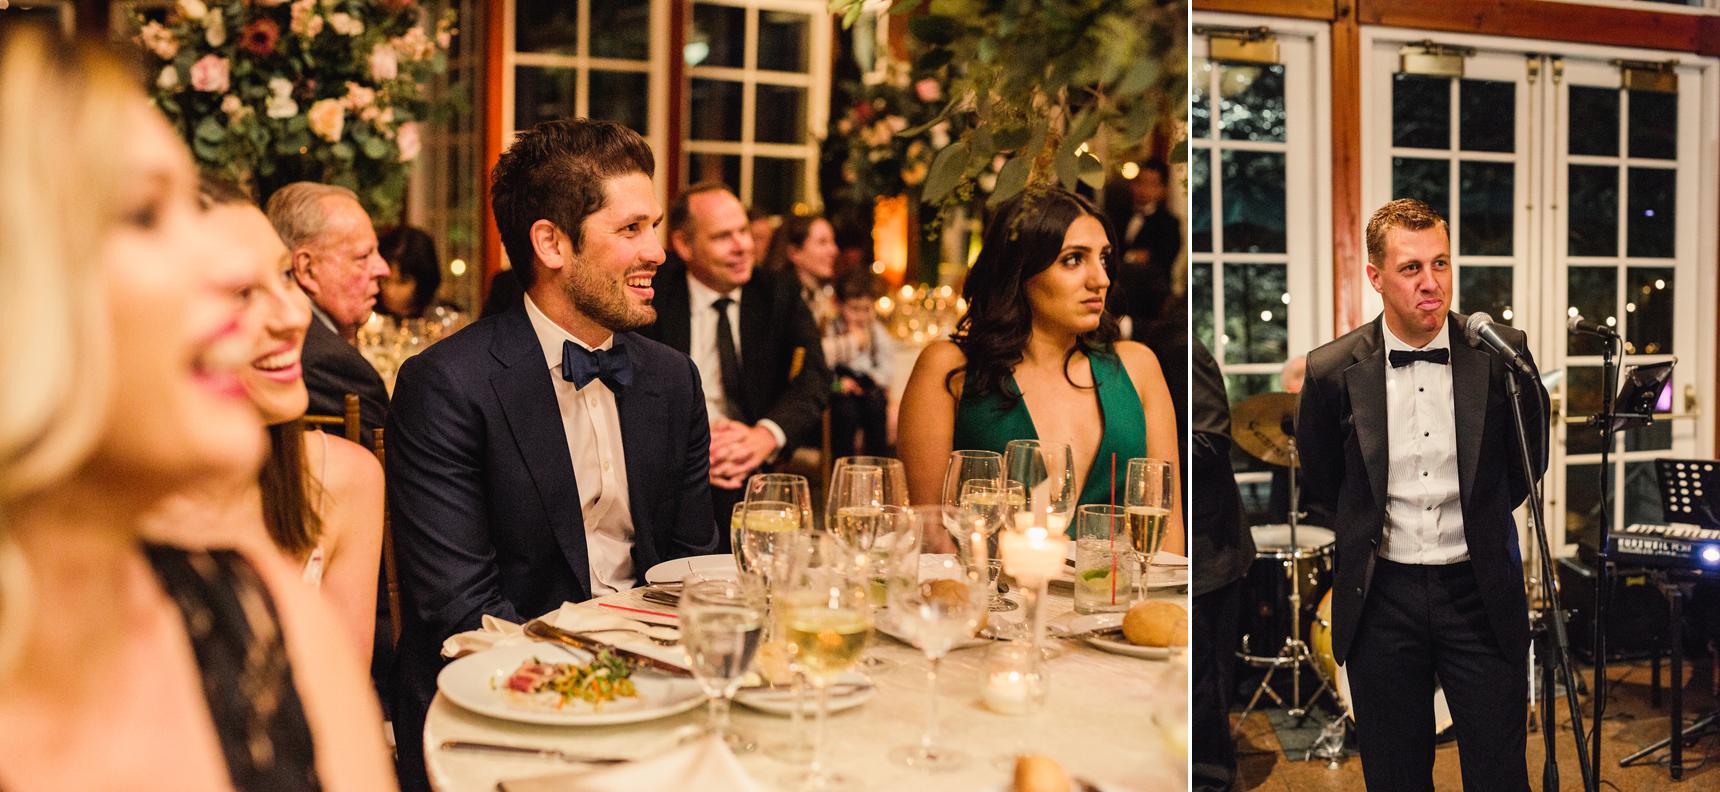 Jory_LoebBoathouse_CentralPark_NewYork_WeddingPhotographer126.jpg